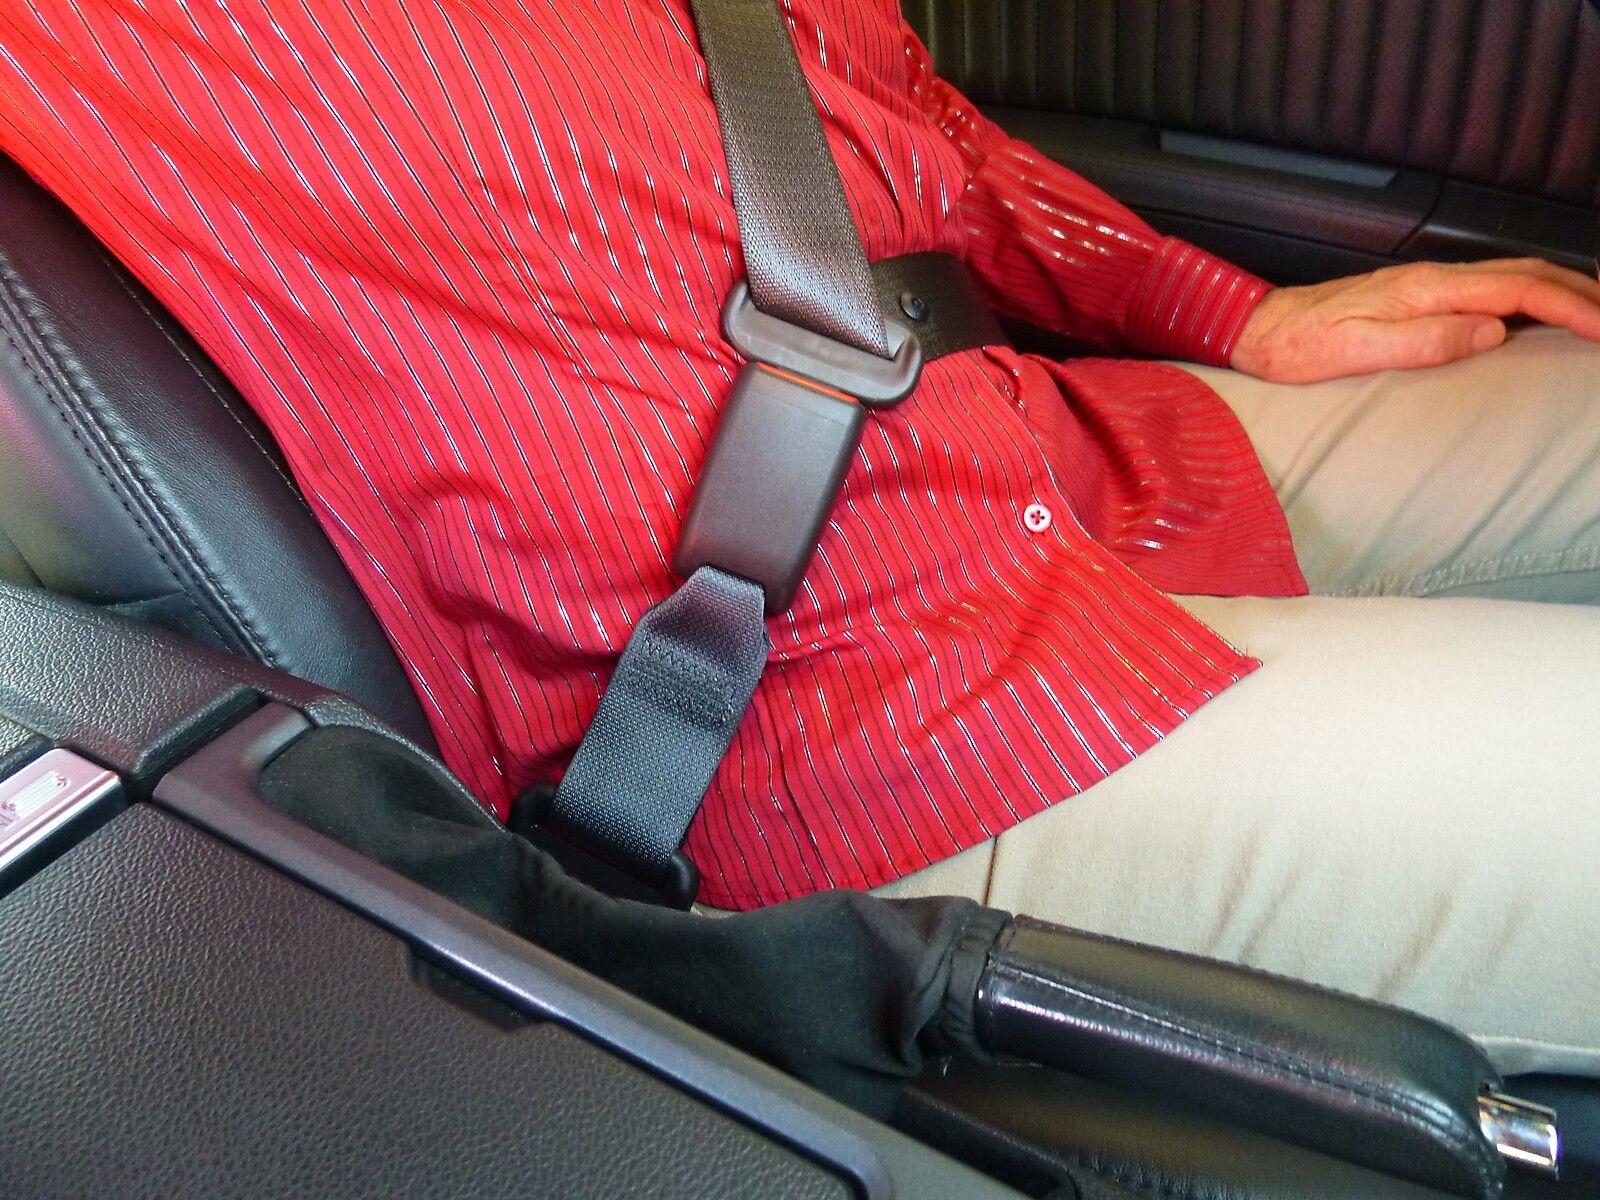 Seat Belt Extender Seatbelt Extension for 1986 Ford Ranger Pickup Truck